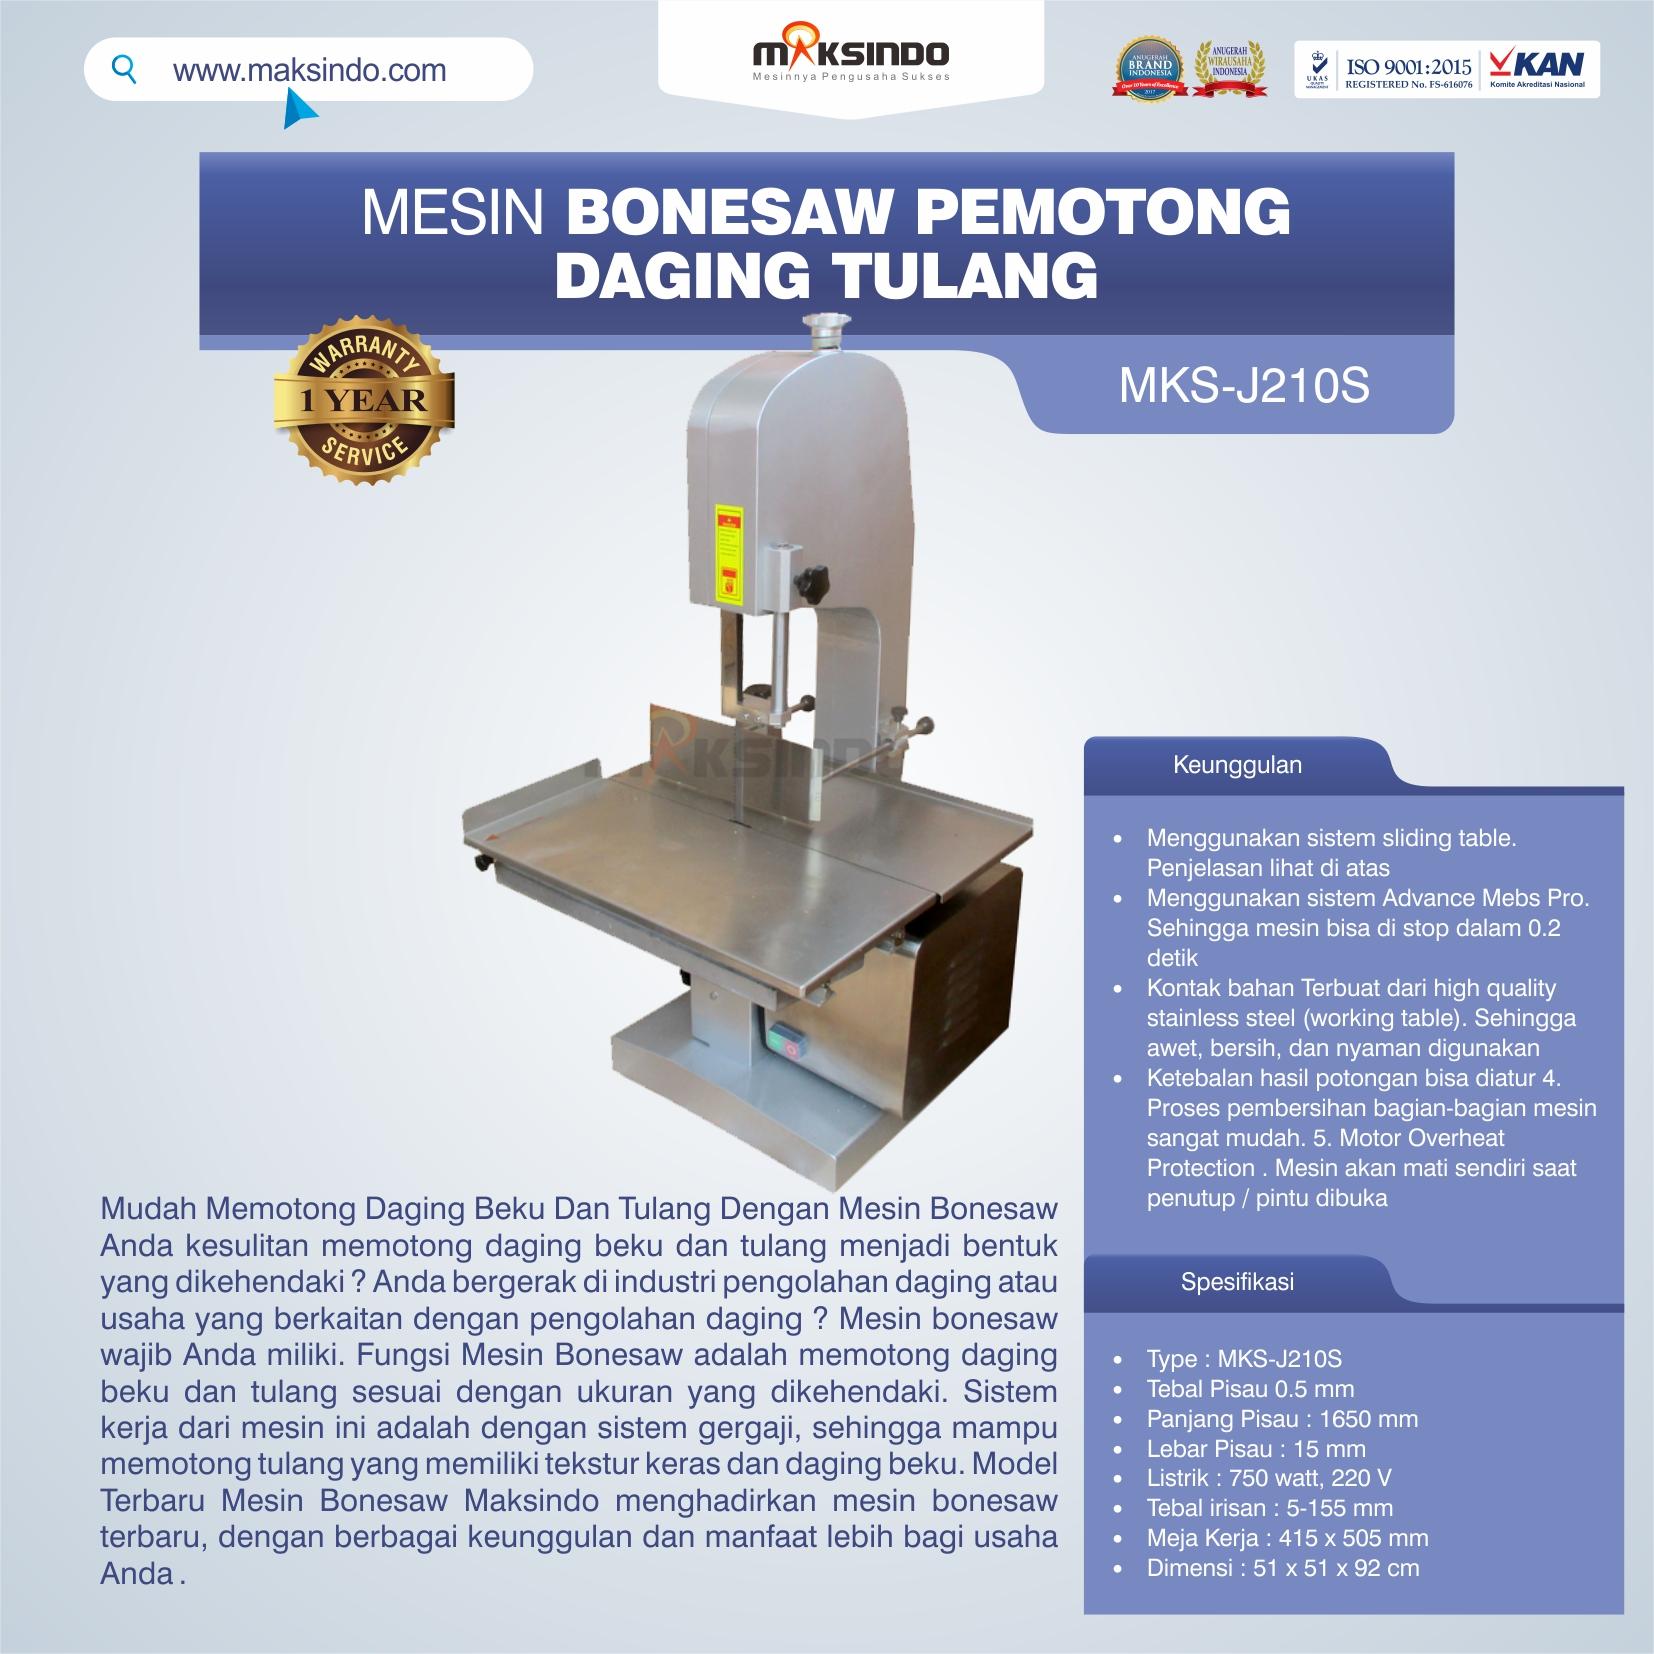 Jual Mesin Bonesaw Pemotong Daging Tulang (MKS-J210S) di Bandung